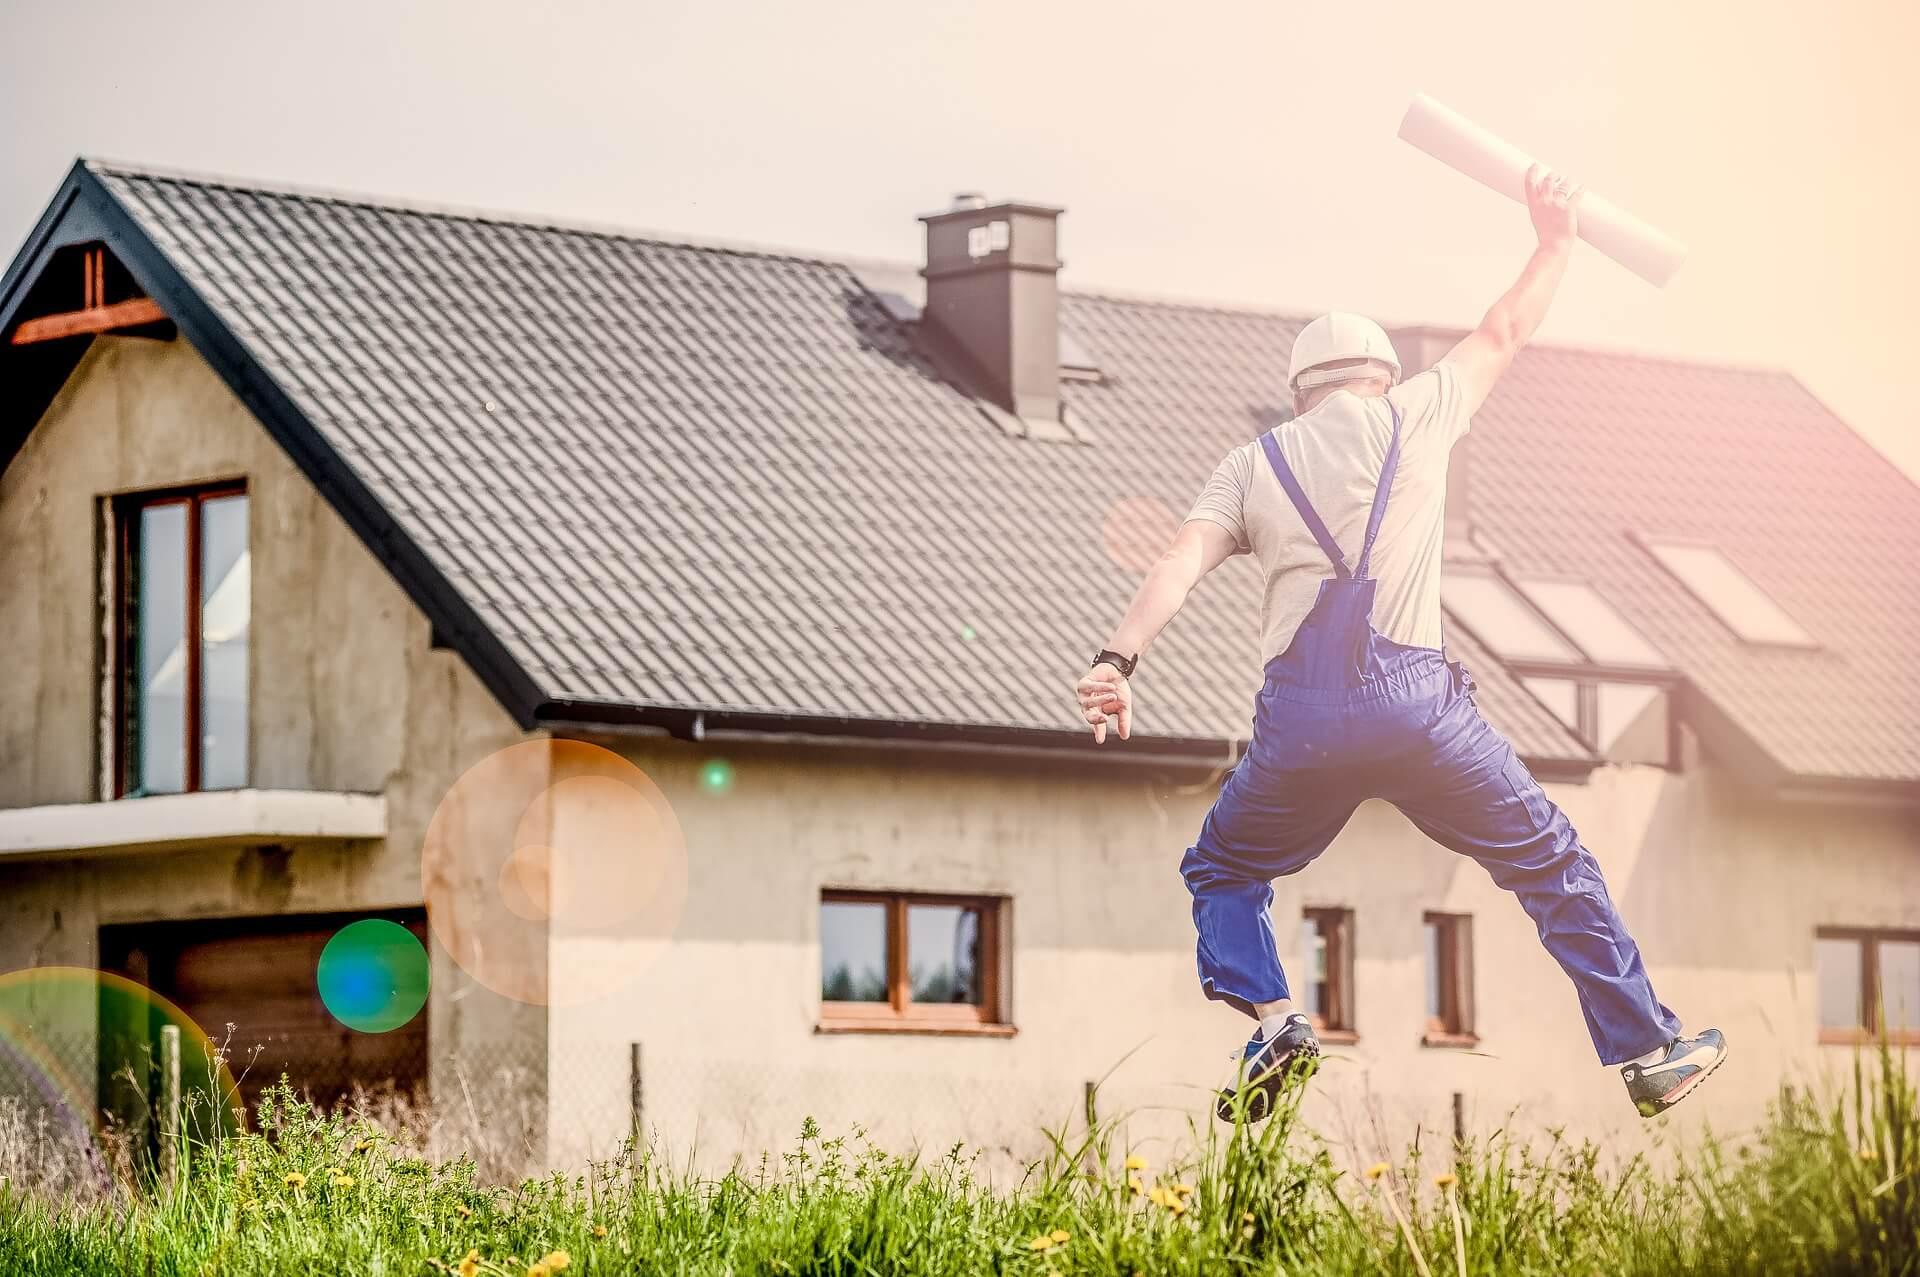 【沖縄版】民泊・Airbnb運営代行業者まとめ      (2020年9月12日追加)